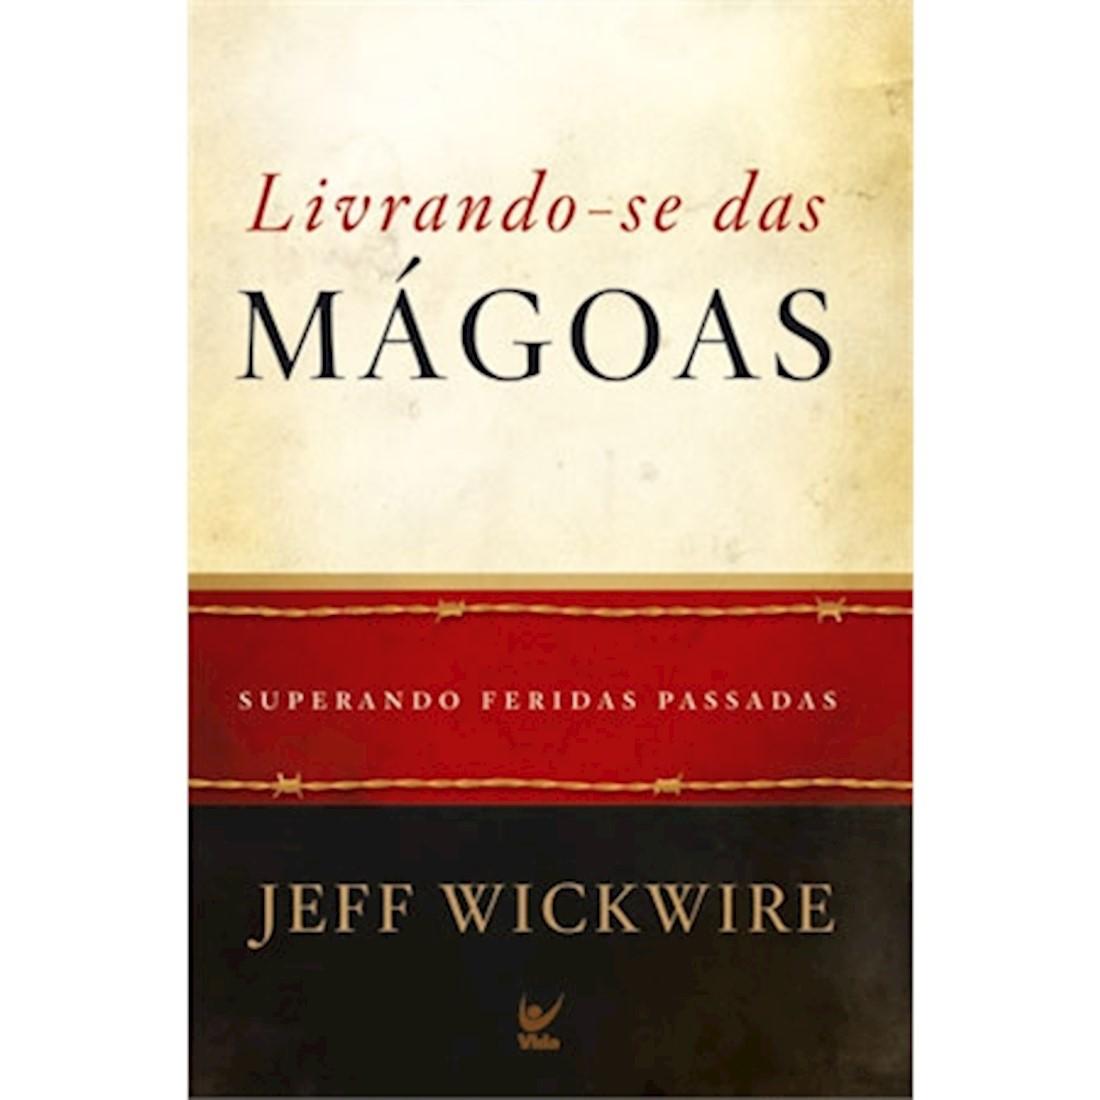 Livro Livrando-se das Mágoas